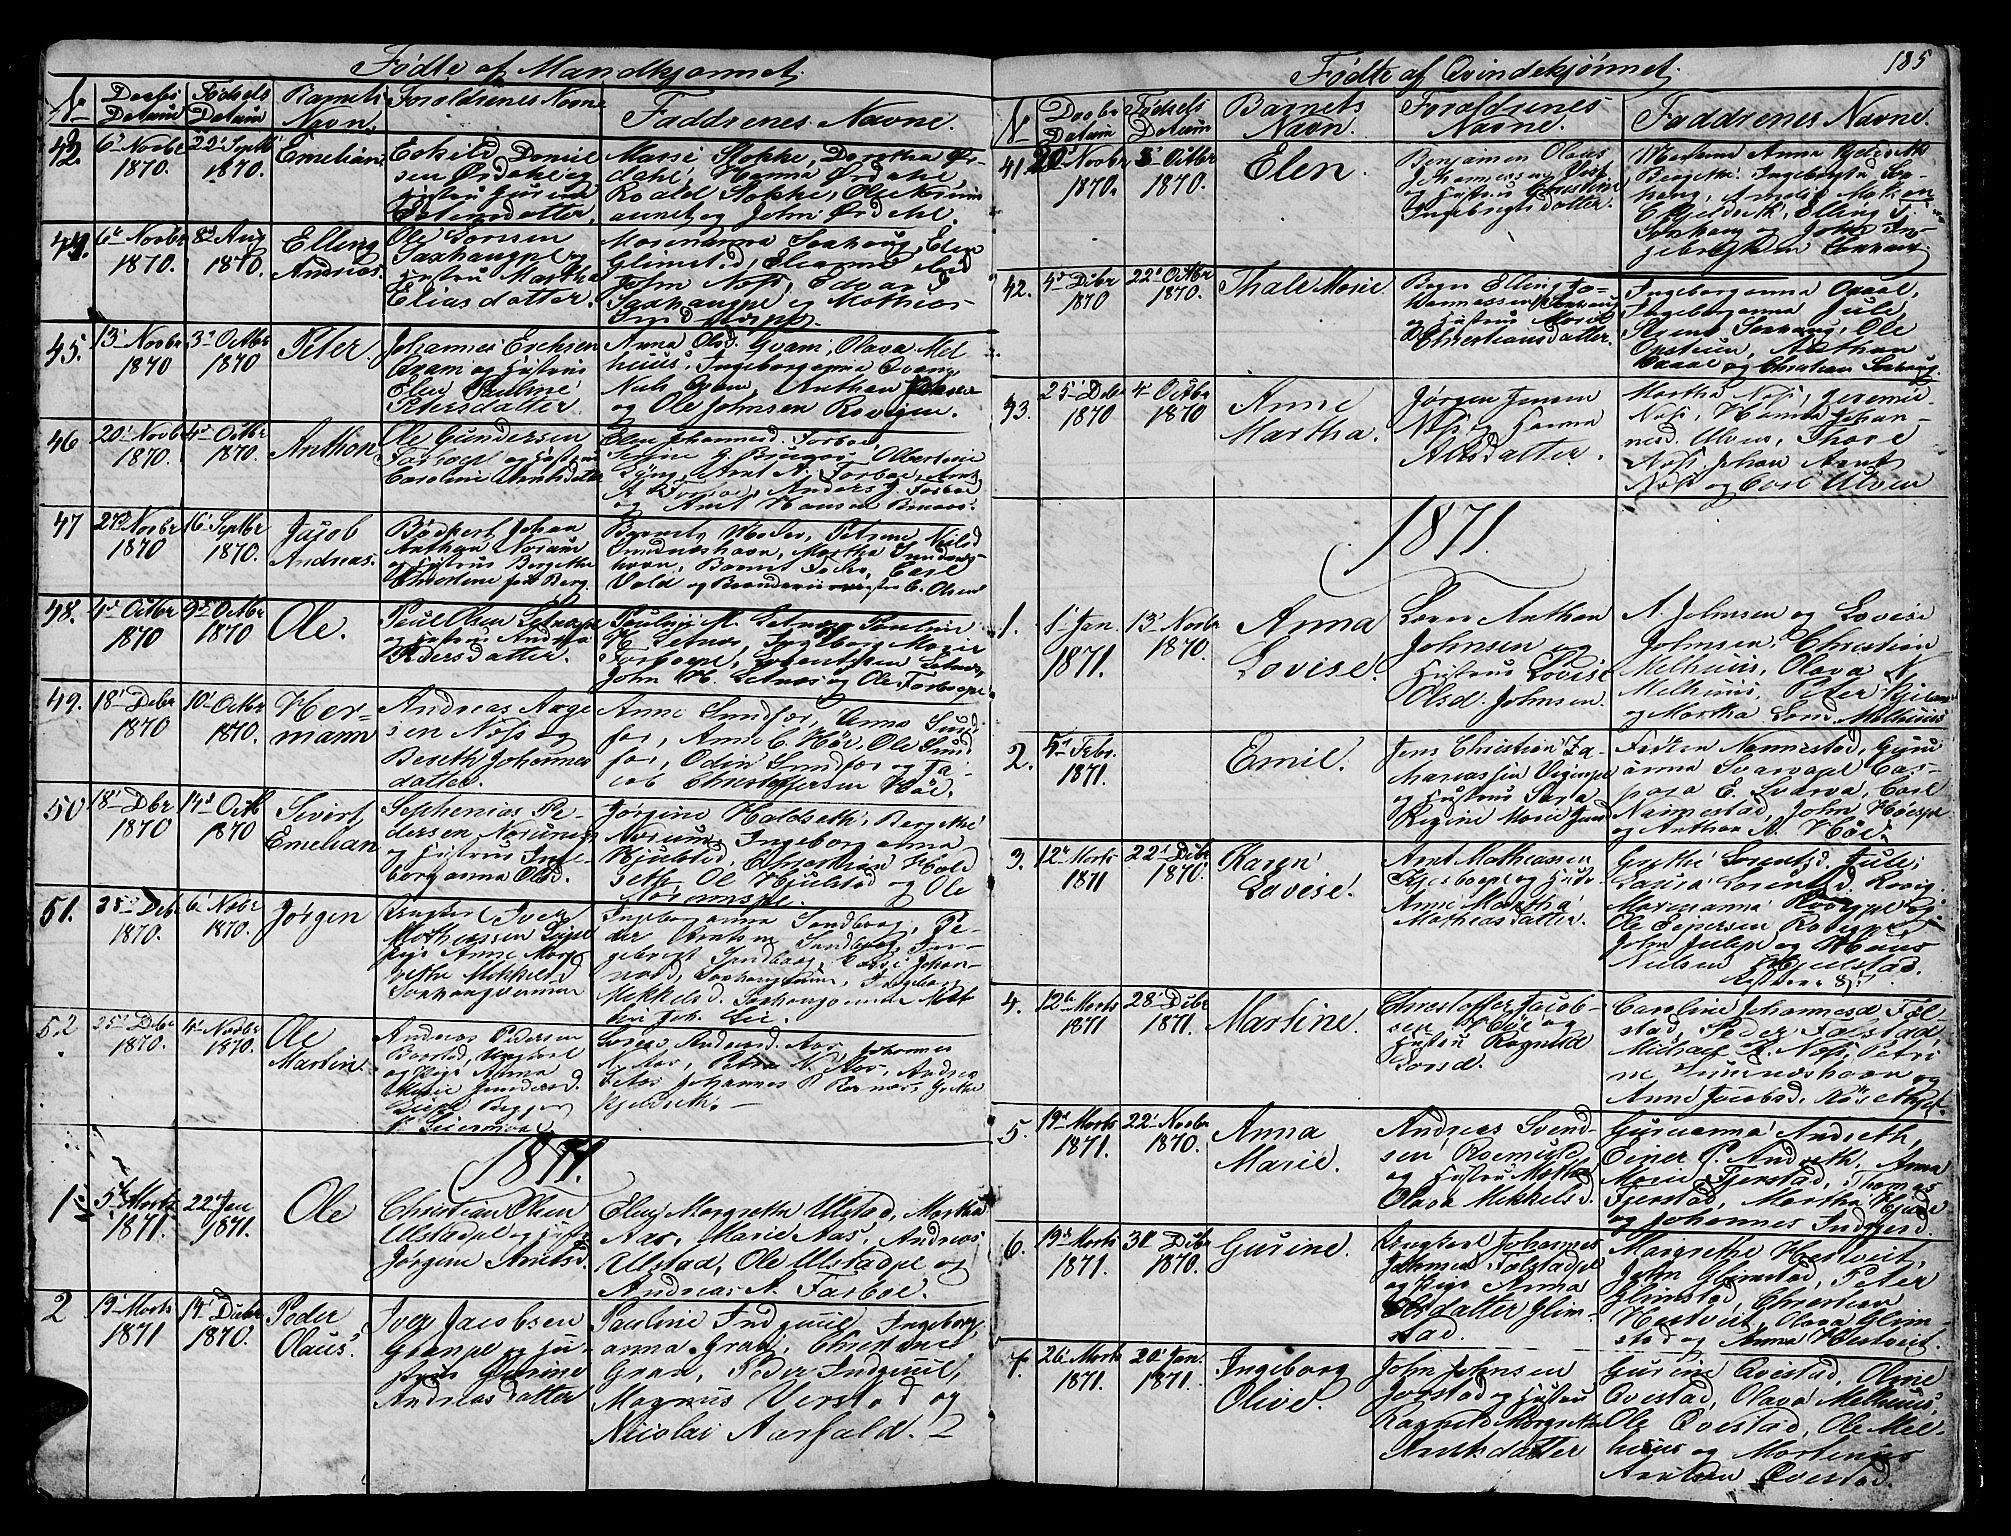 SAT, Ministerialprotokoller, klokkerbøker og fødselsregistre - Nord-Trøndelag, 730/L0299: Klokkerbok nr. 730C02, 1849-1871, s. 185